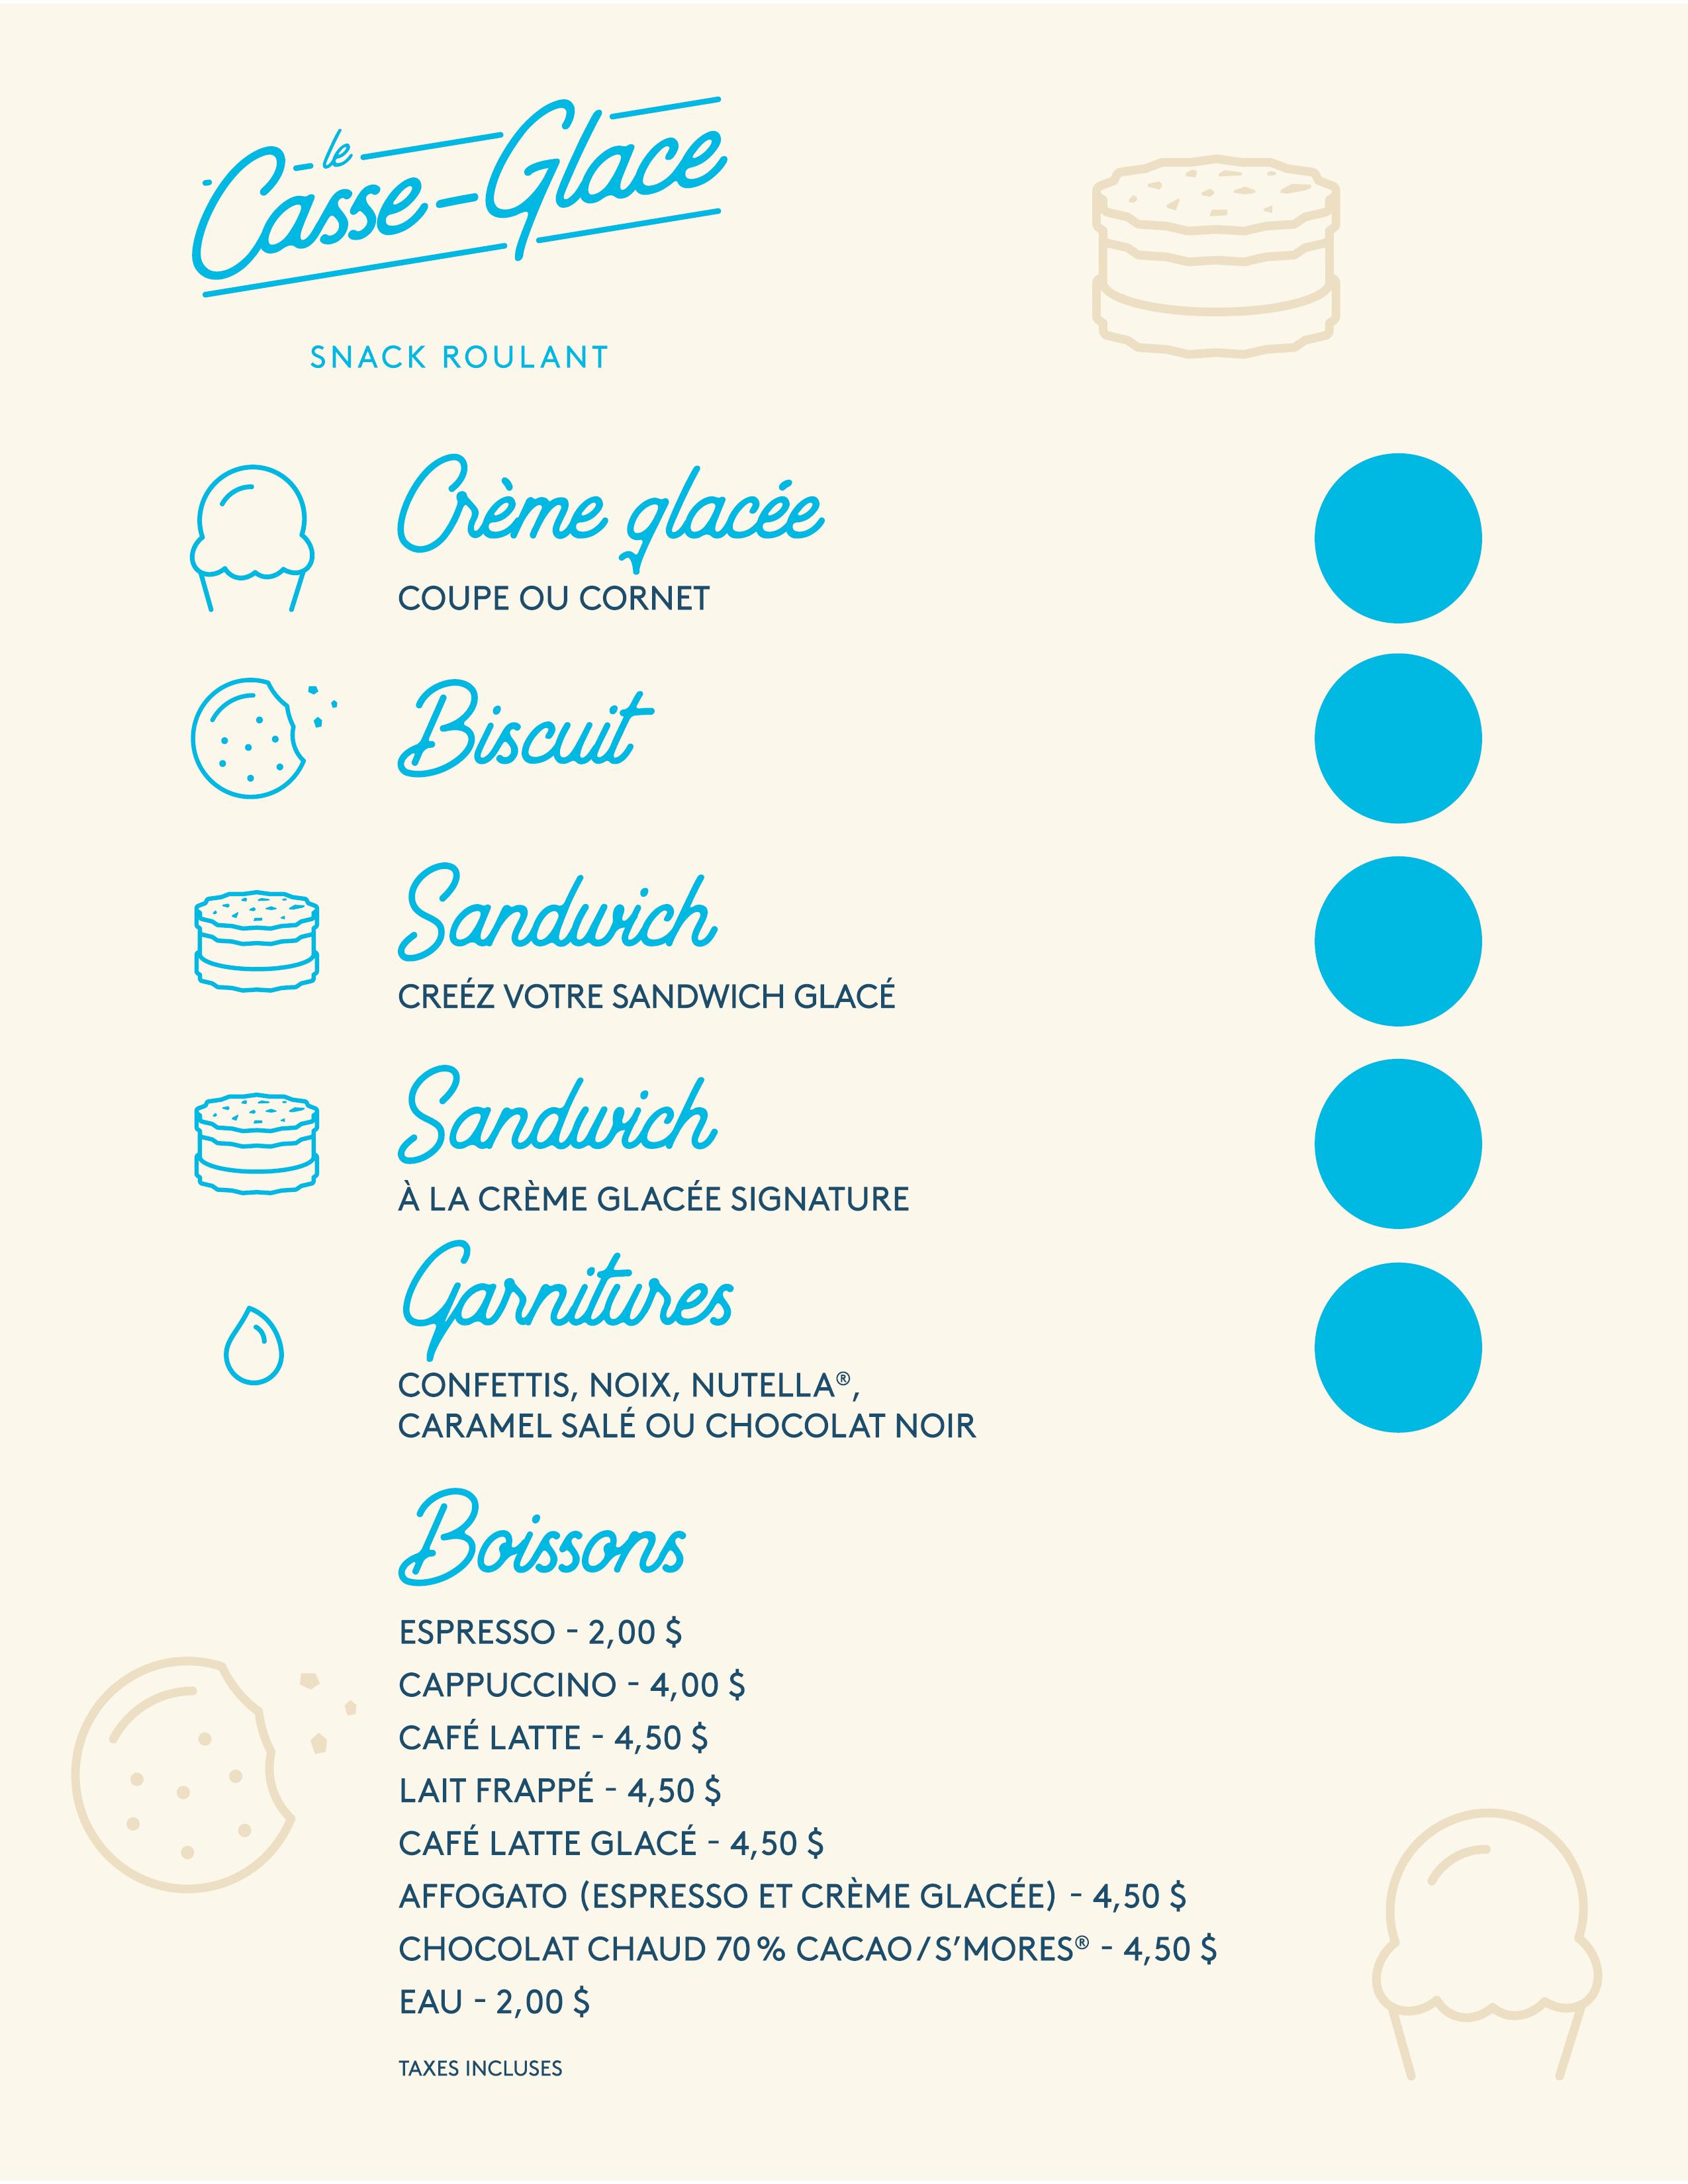 Menu Le Casse-Glace